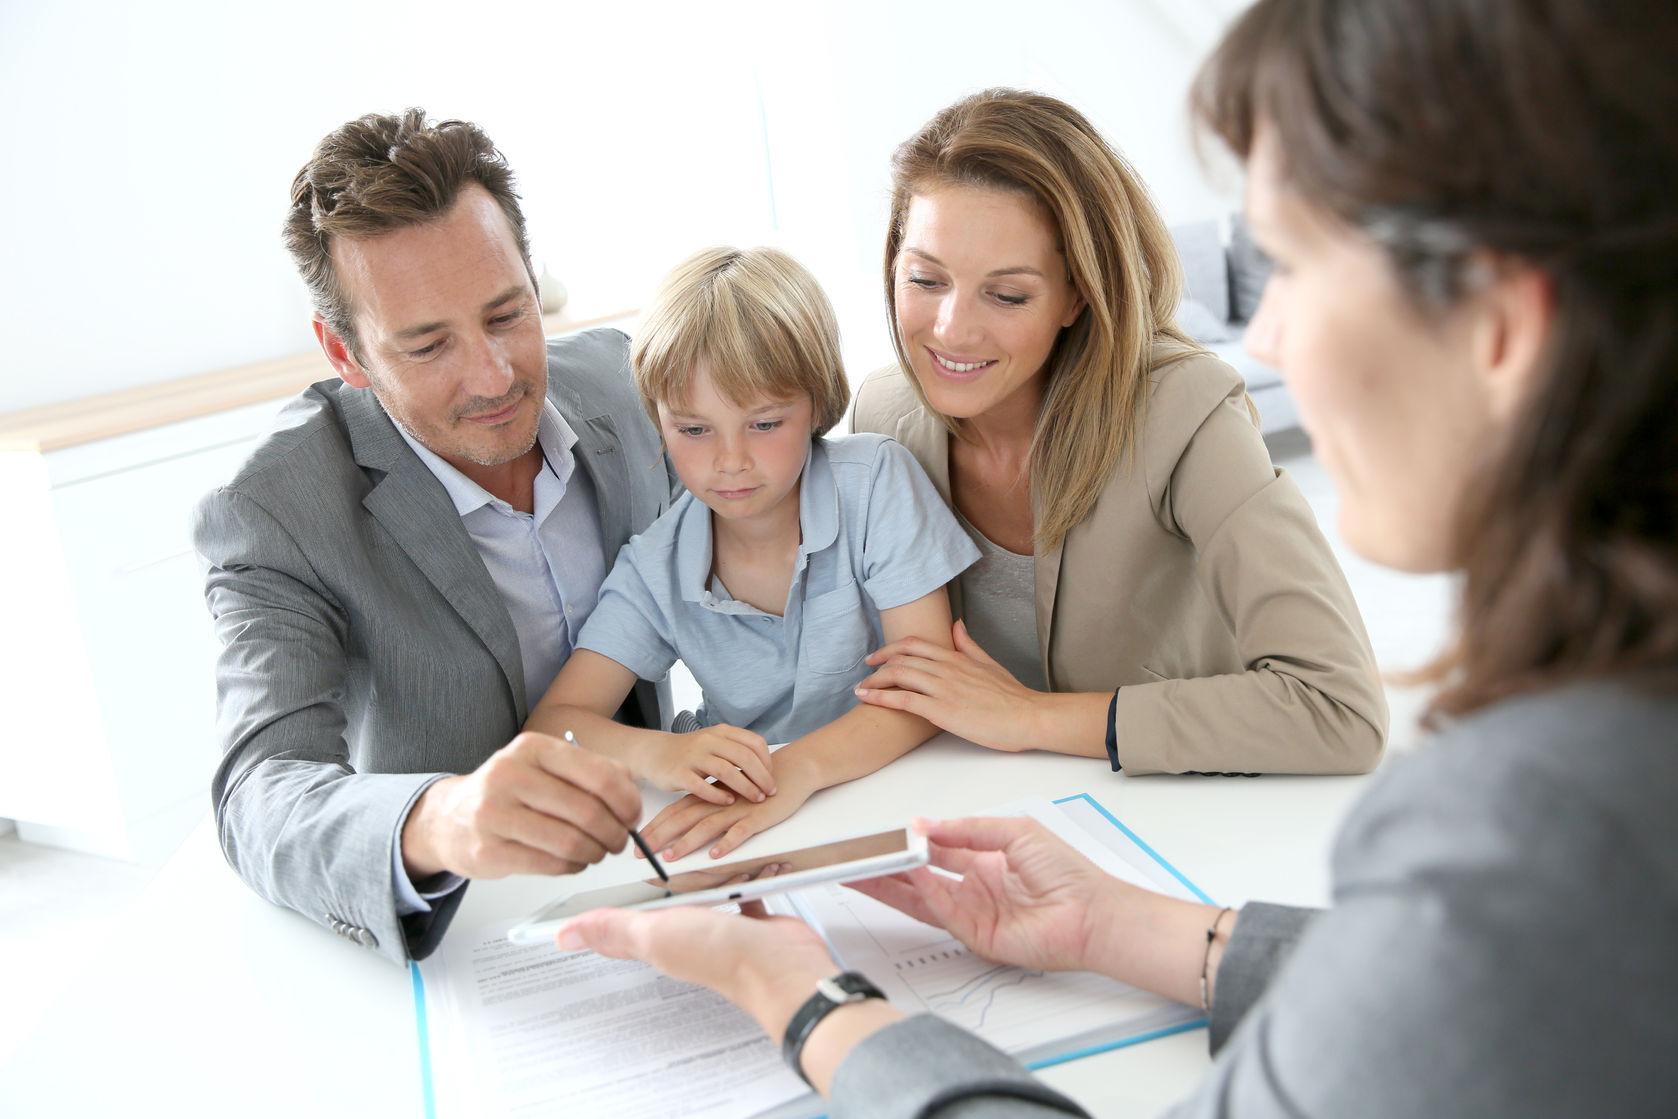 ¿Cómo fomentar la participación de los clientes?